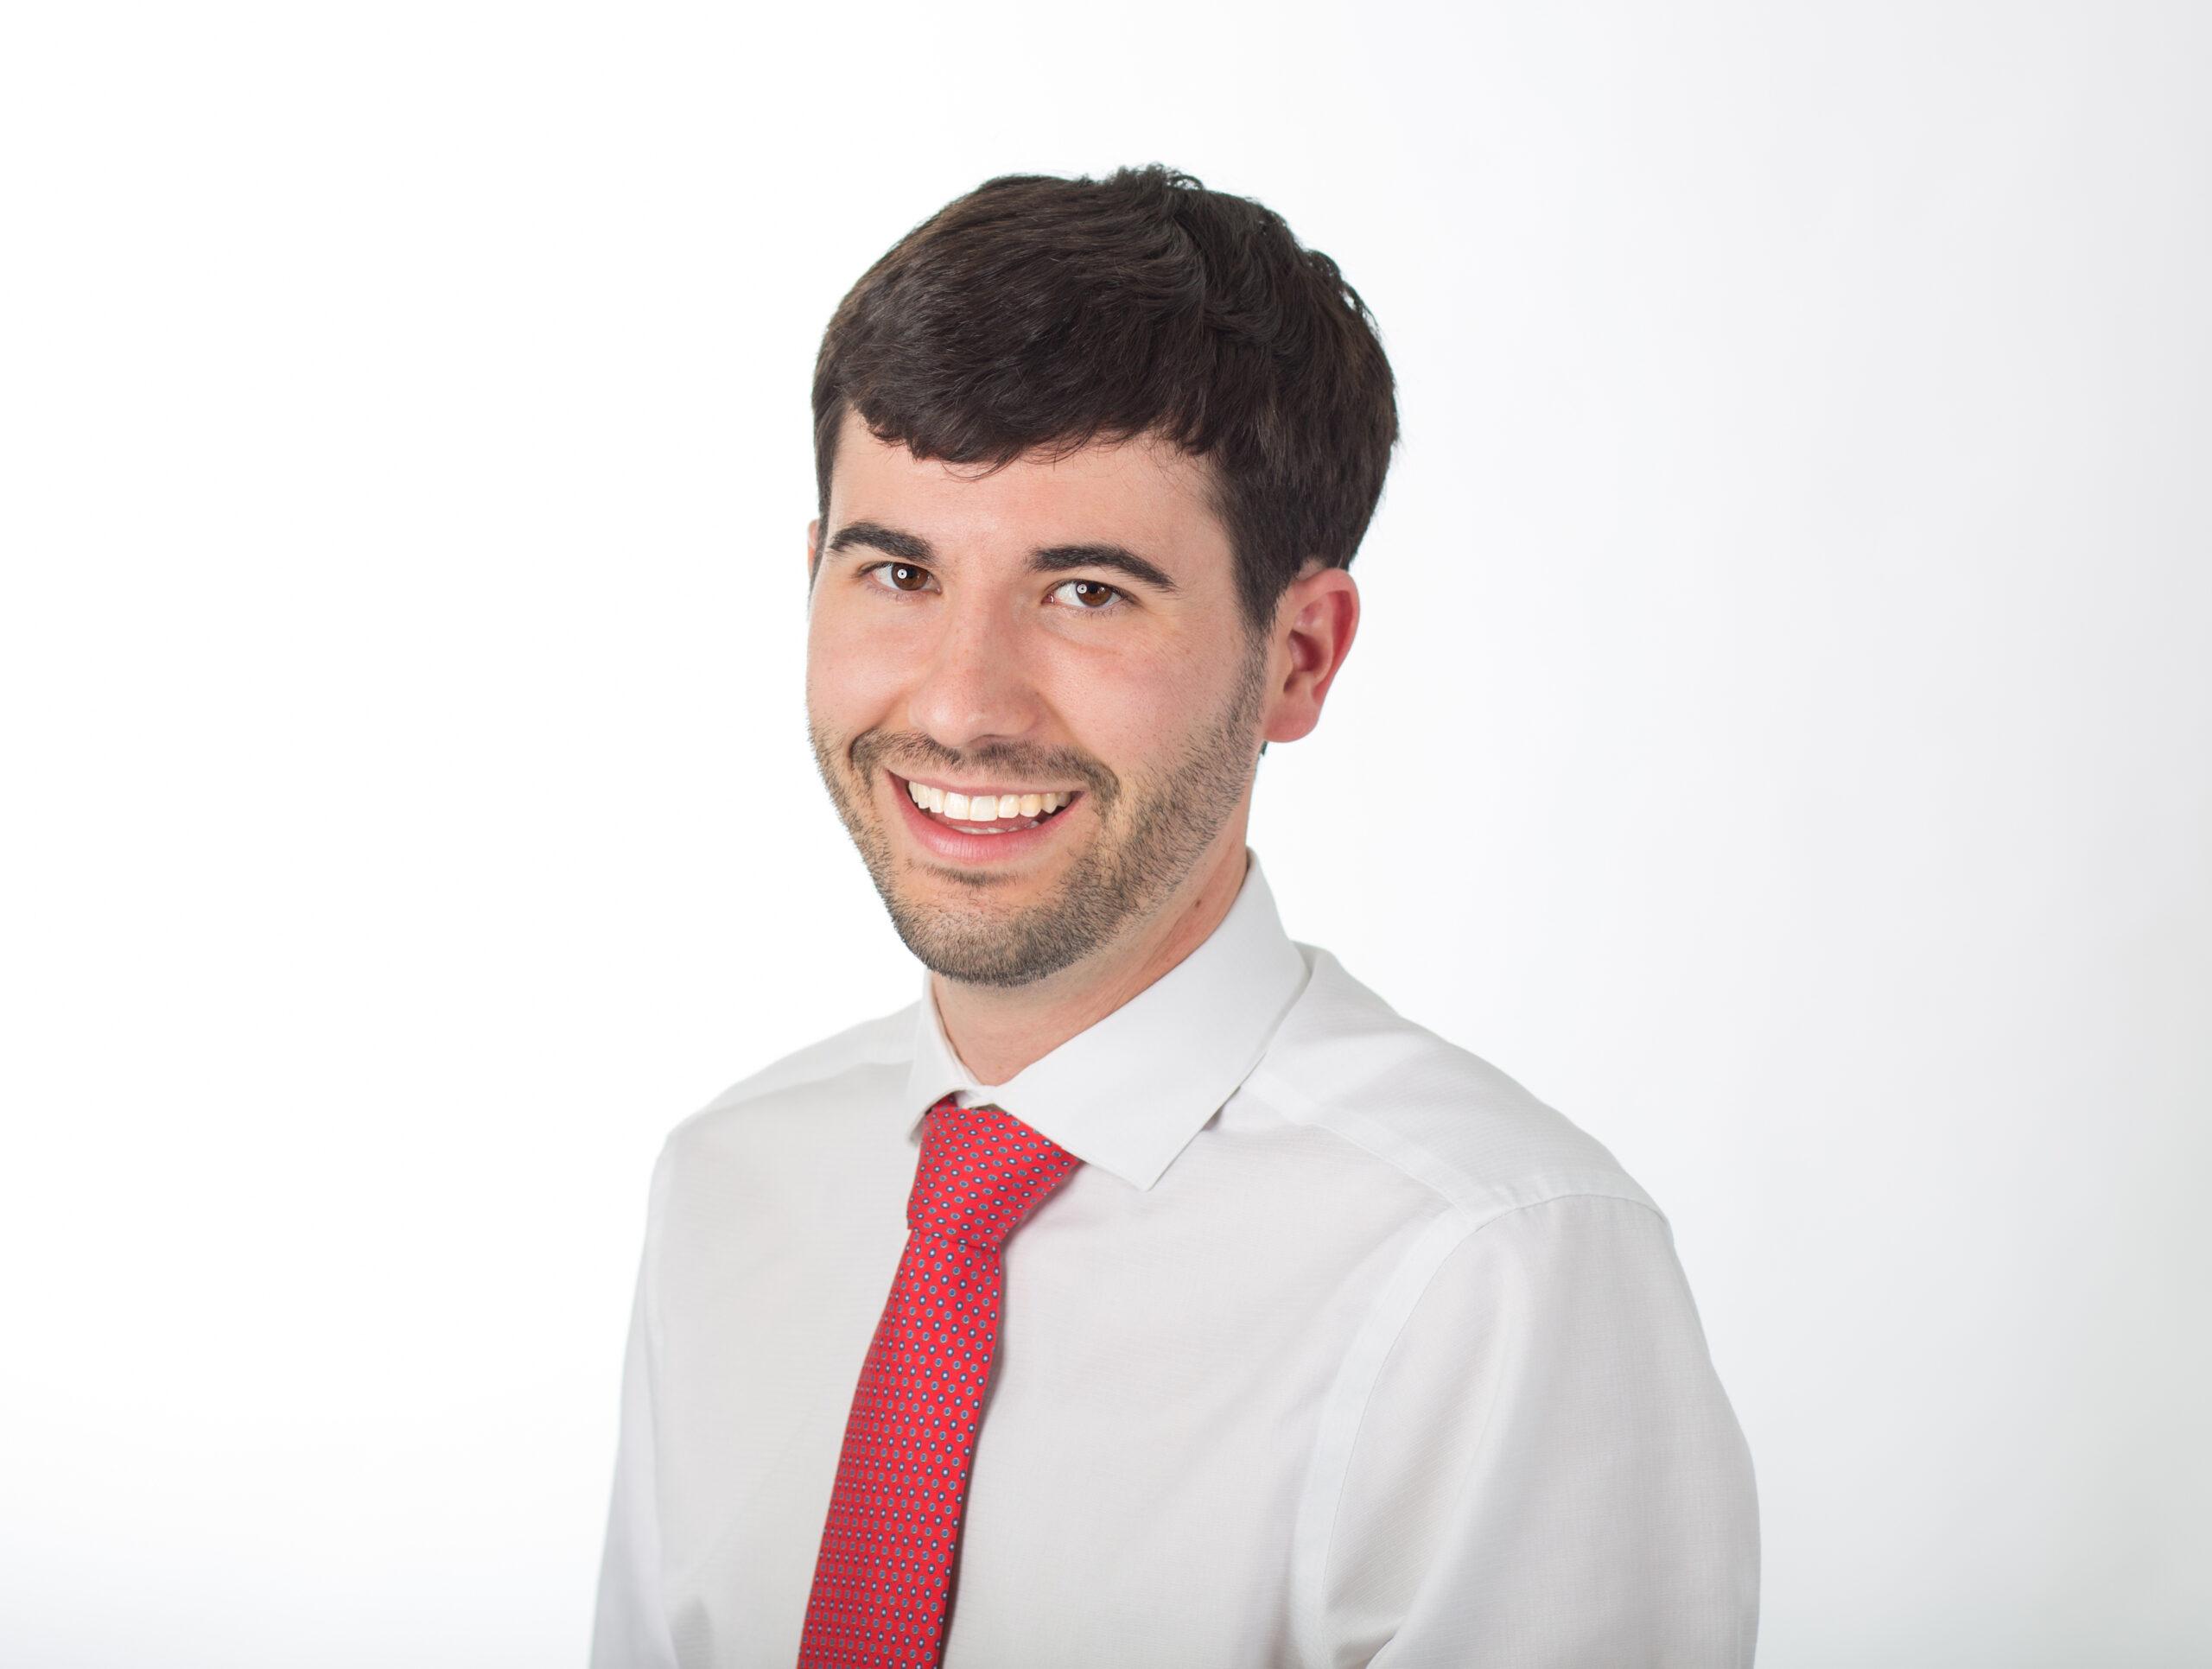 Jeffrey S. Bank, MD